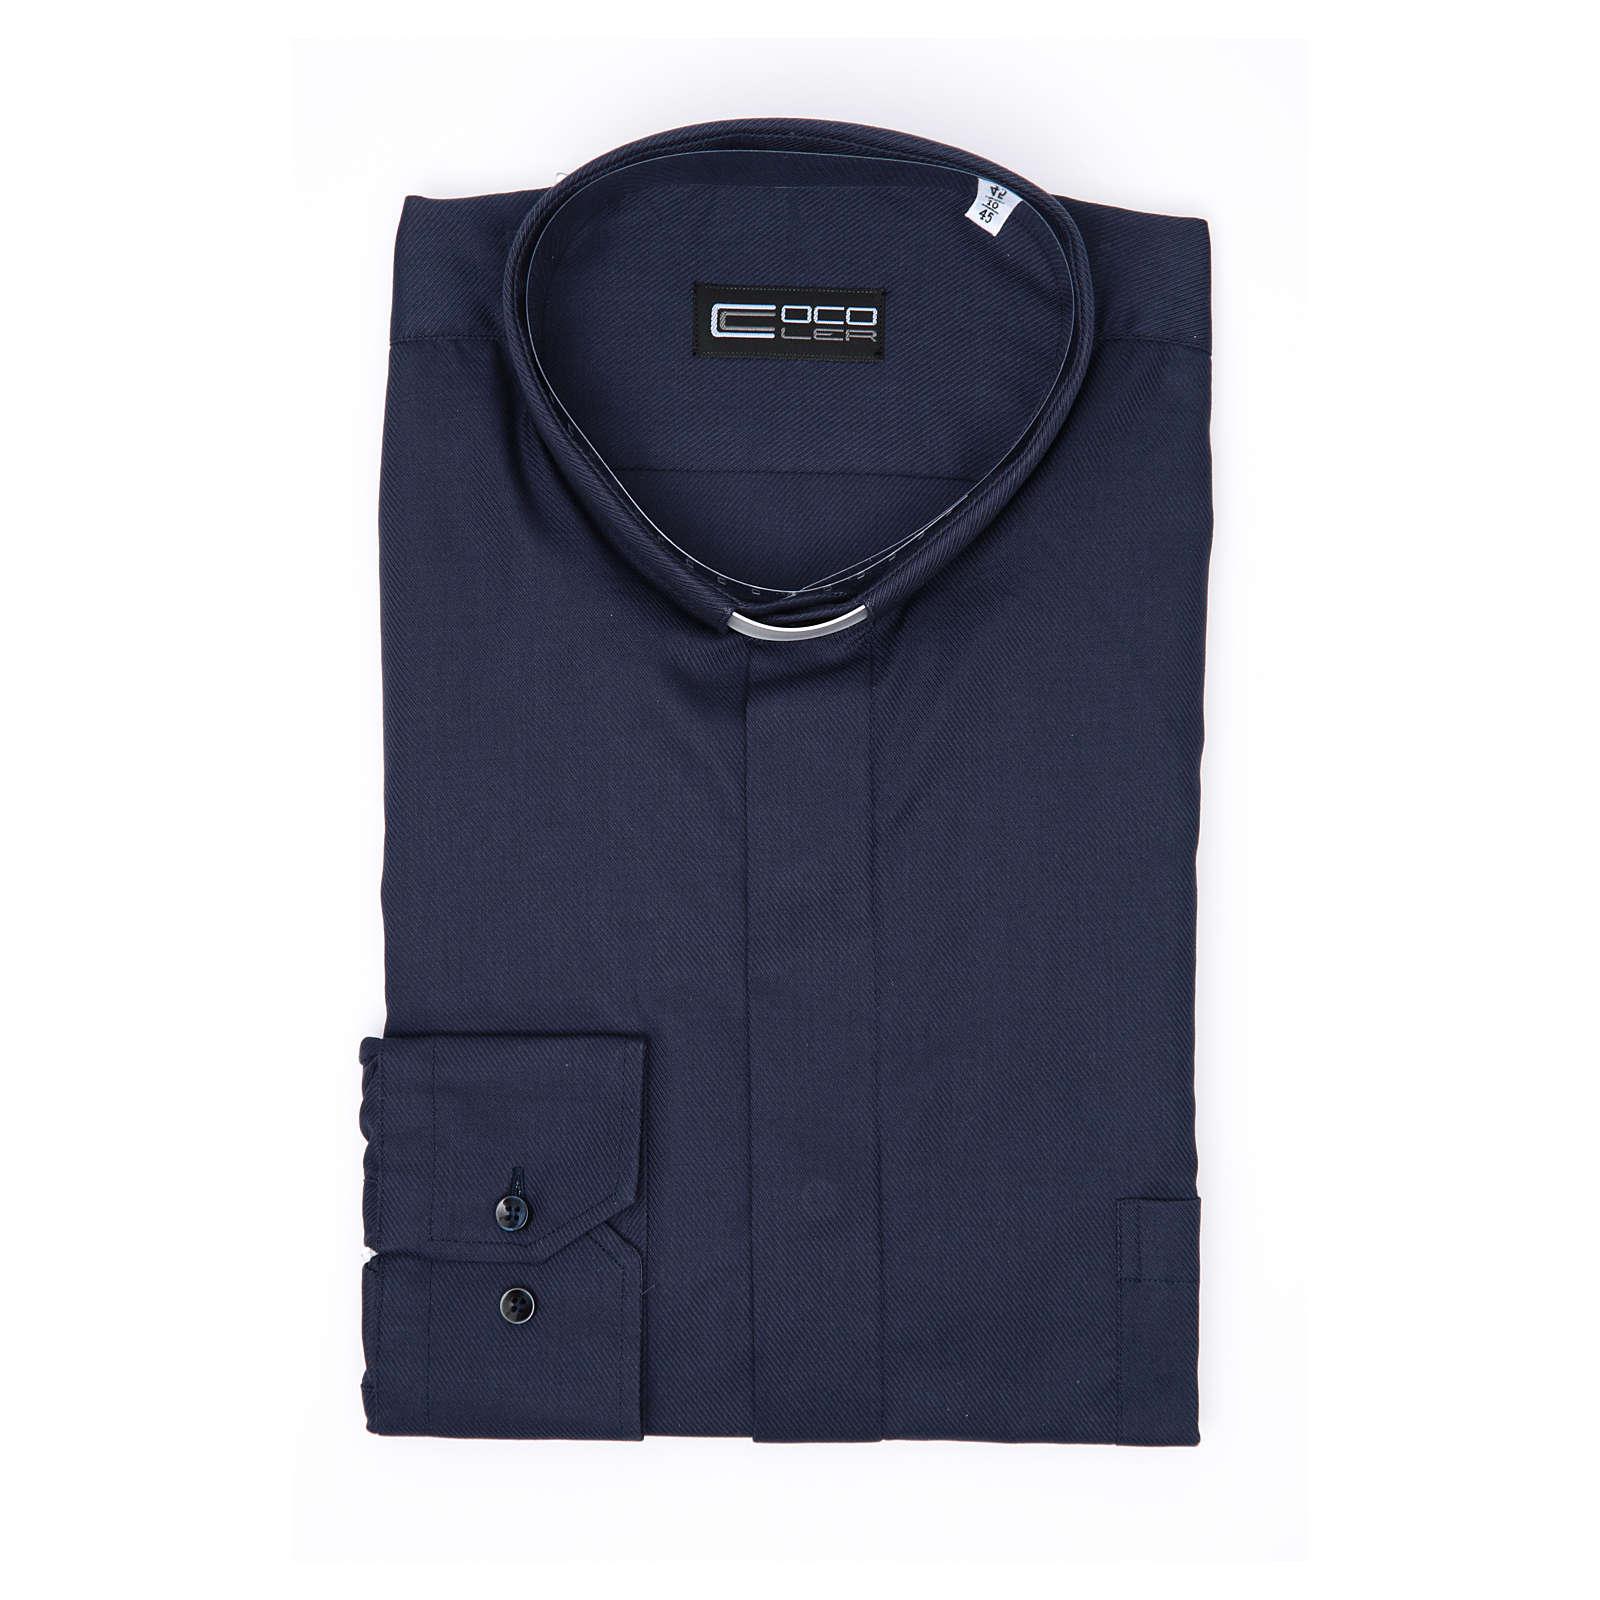 Camisa clergy M/L passo fácil sarja misto algodão azul escuro 4